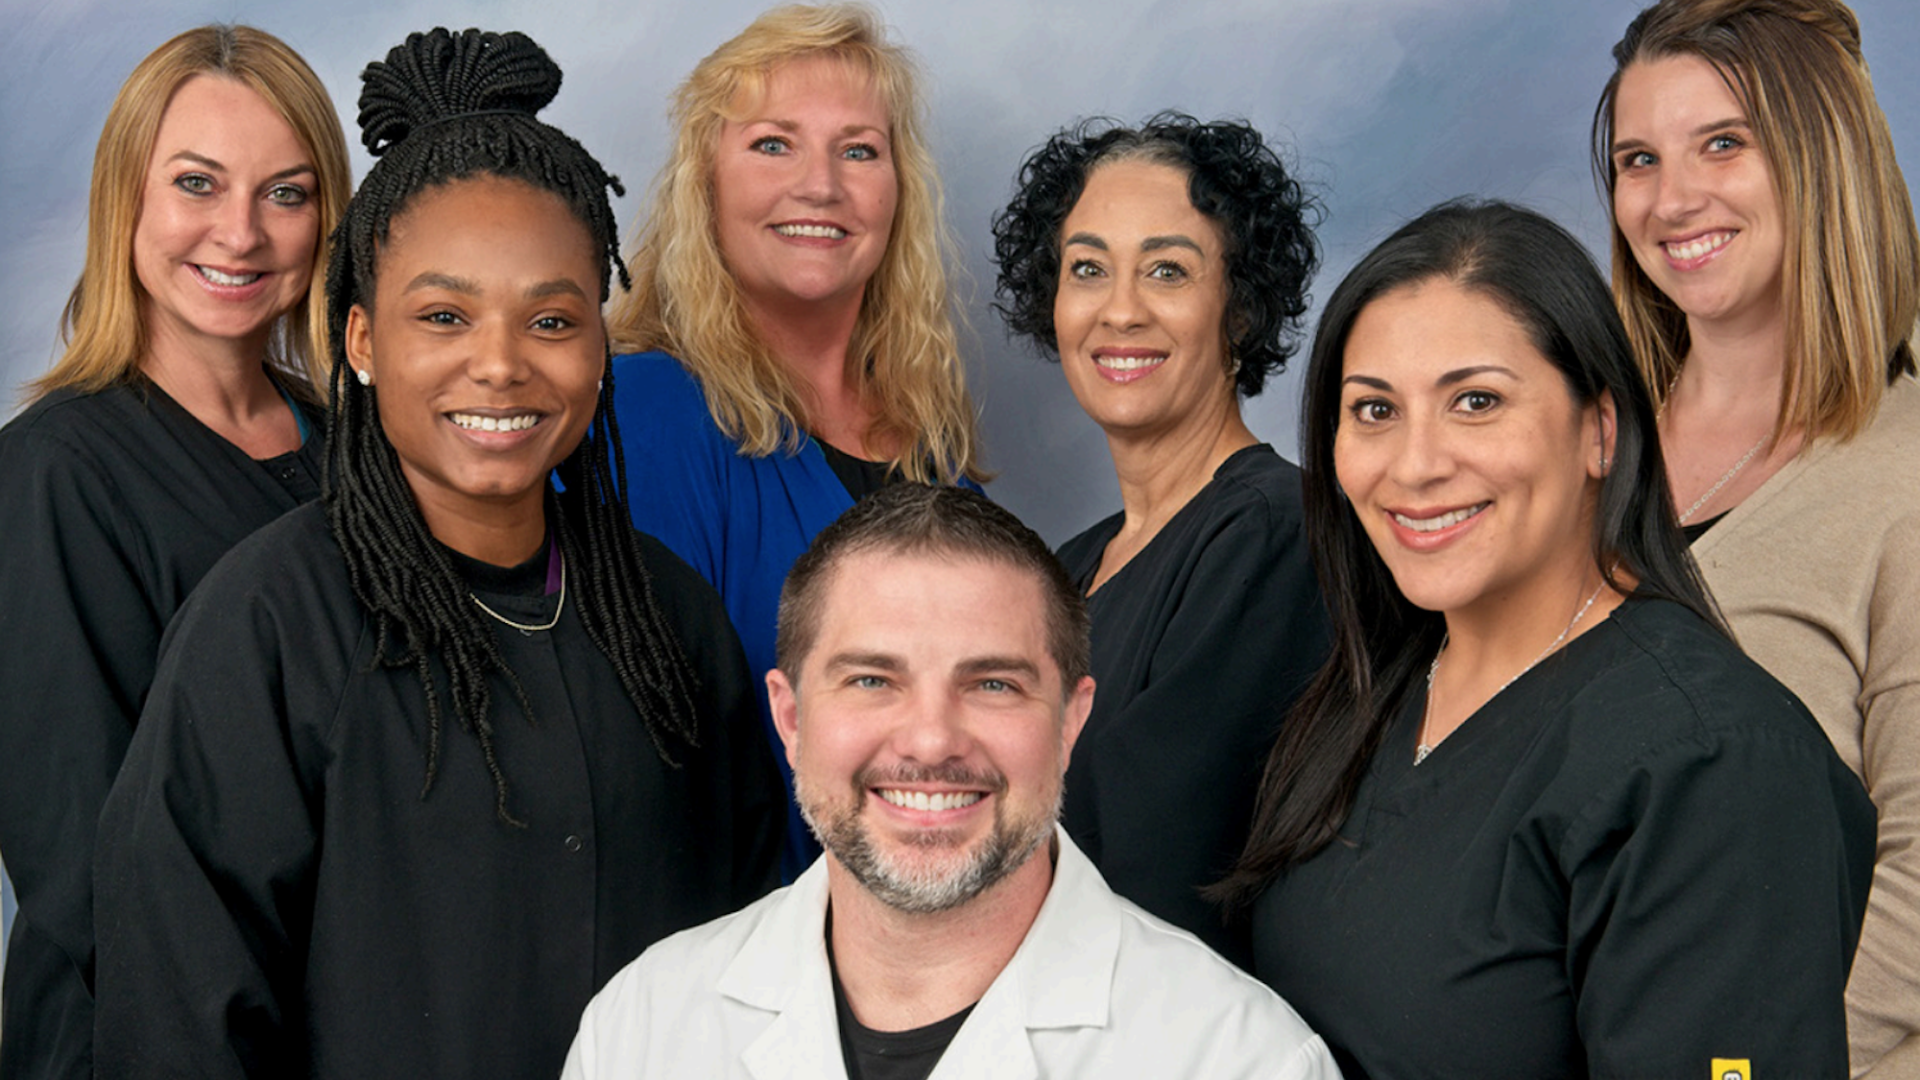 General Dentistry | Sedation Dentistry | Invisalign | Dental Impants